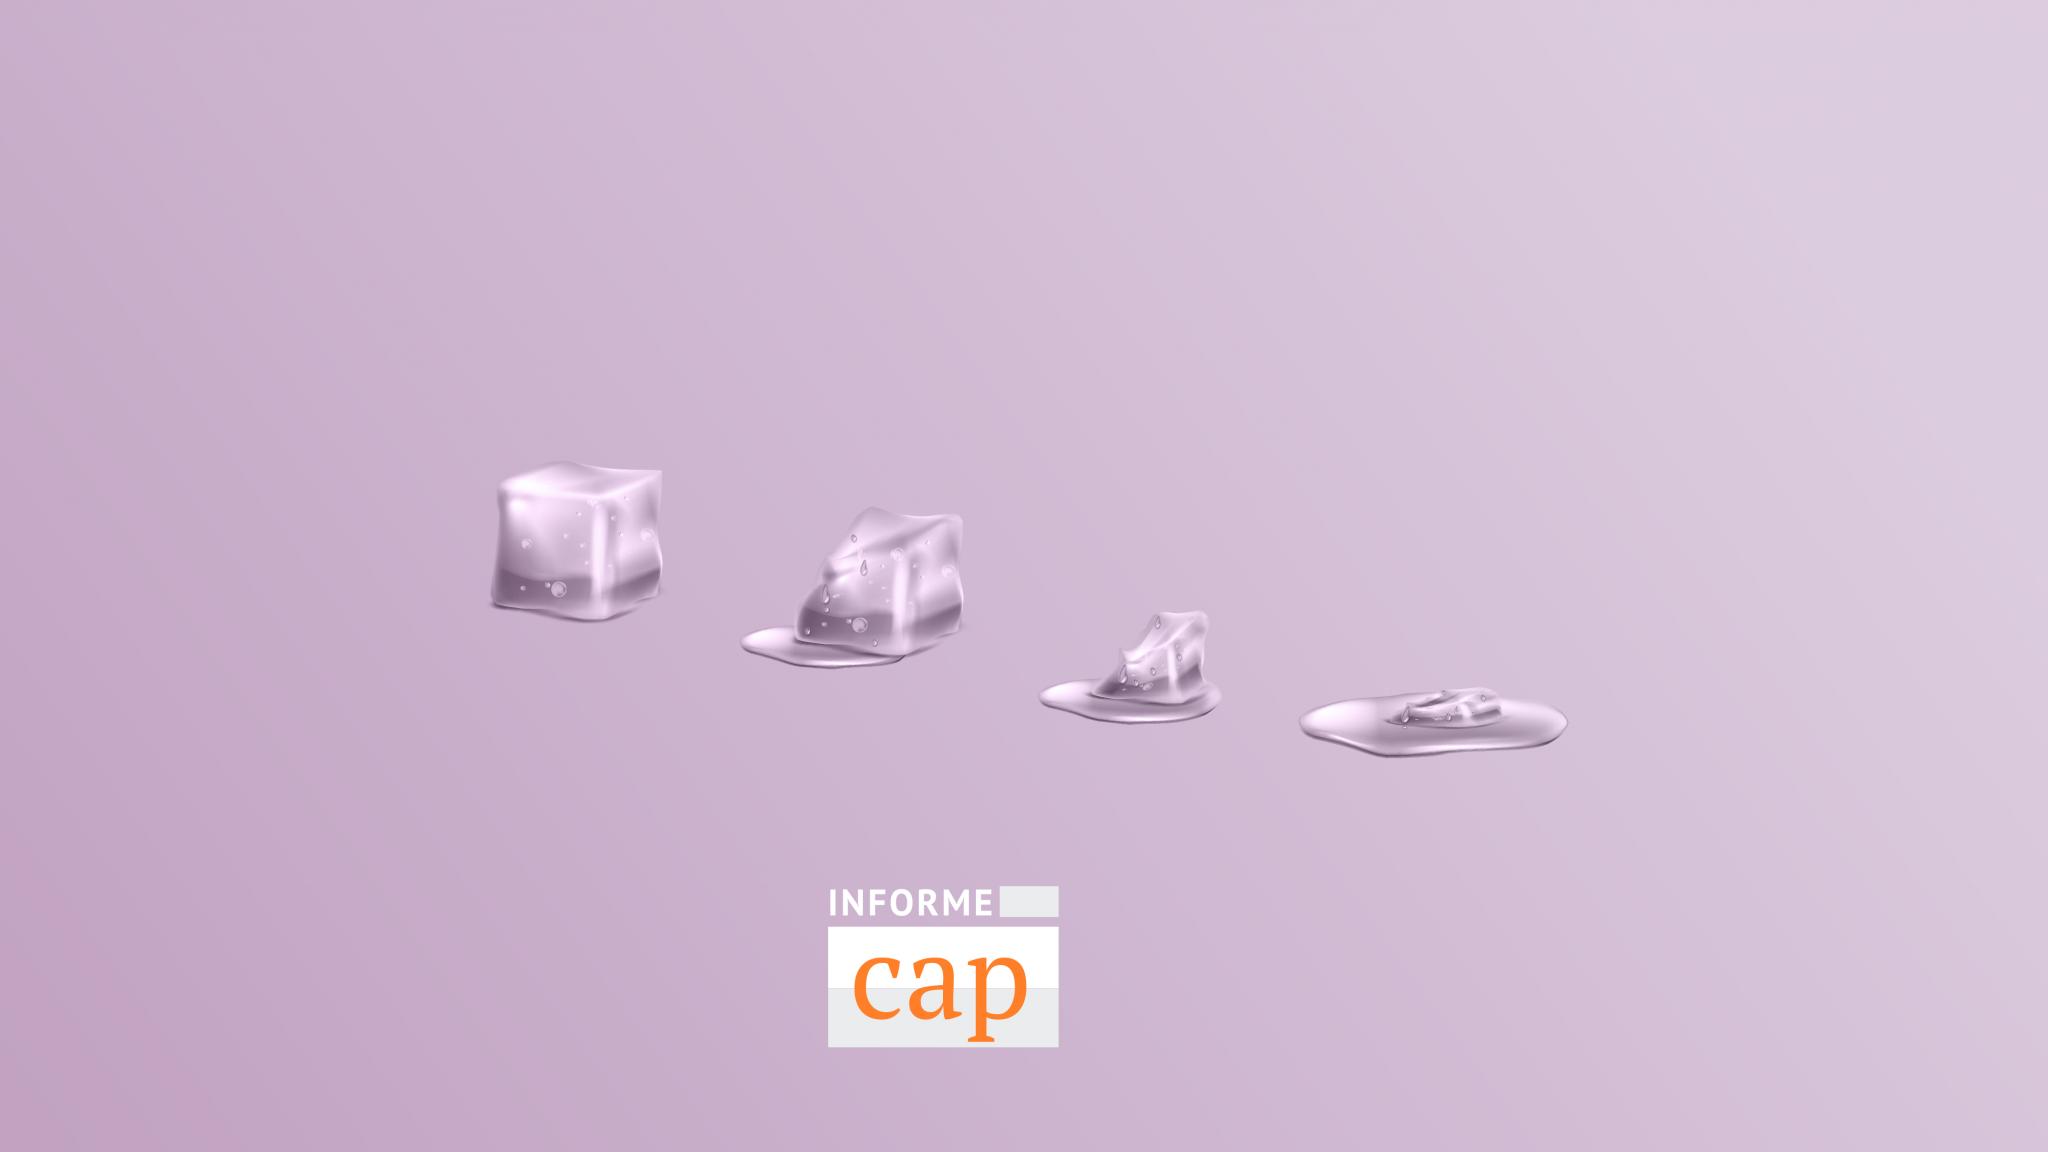 2021-07-22-cap-el-principio-del-fin-portada-2048x1152.png